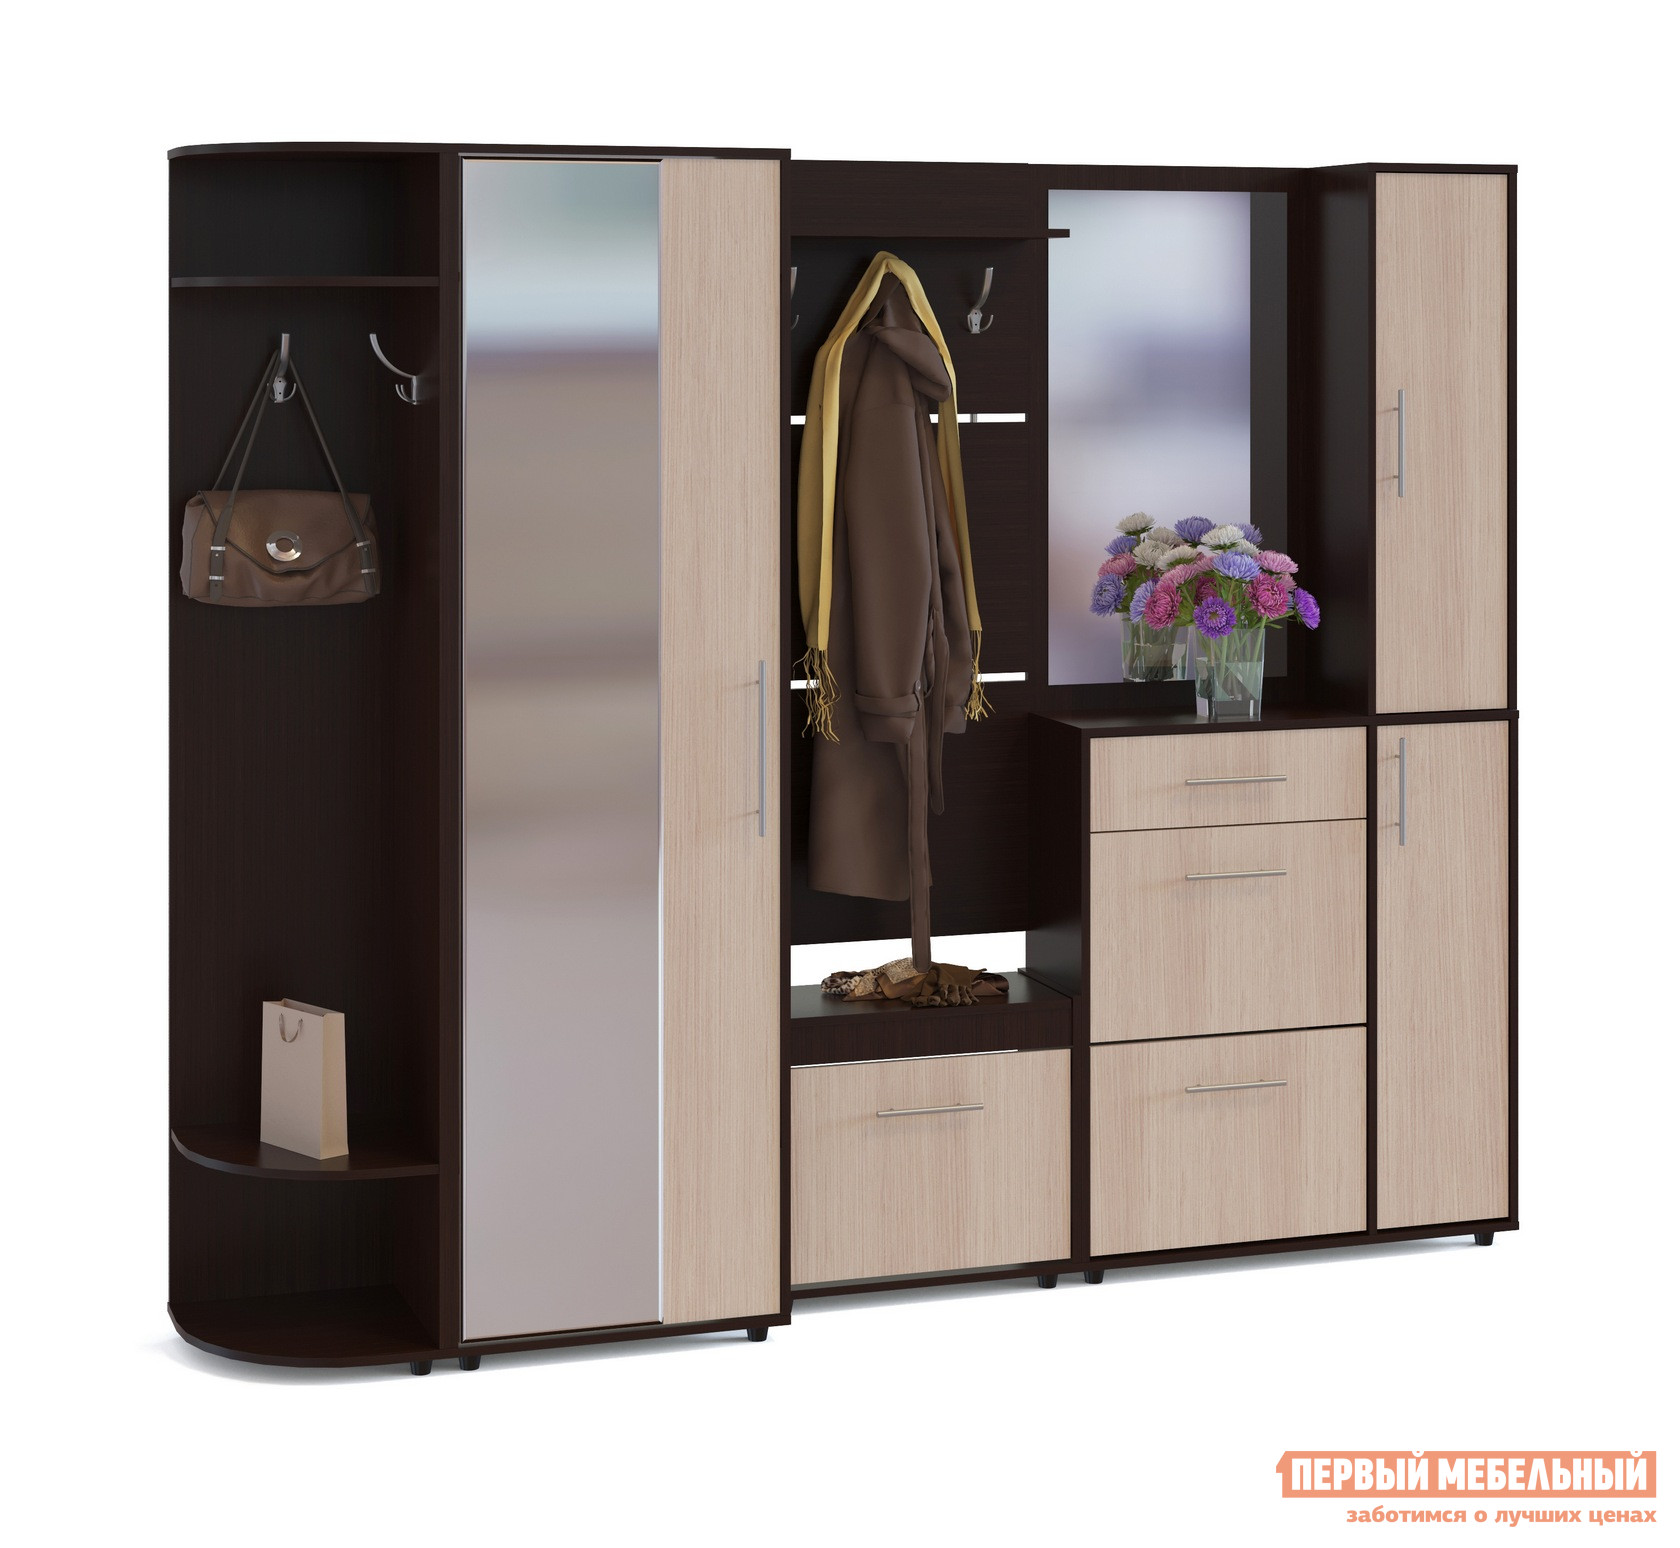 Прихожая Сокол ВШ-5.1+ТП-6+ТП-4+ПЗ-4+ШО-2+ШС-1 Венге / Беленый дубПрихожие в коридор<br>Габаритные размеры ВхШхГ 2087x2214x429 мм. Большой функциональный комплект мебели для прихожей выполнен в стильном сочетании контрастных оттенков и гармонично дополнит любой интерьер.  В составе гарнитура есть все необходимые элементы для организации порядка в вещах, обуви и аксессуарах. Размеры элементов:Распашной шкаф (ВхШхГ): 2087 х 600 х 429 мм. Настенная вешалка (ВхШхГ): 1460 х 600 х 212 мм. Малая обувница (ВхШхГ): 555 х 600 х 283 мм. Большая обувница (ВхШхГ): 1043 х 900 х 287 мм. Настенное зеркало со шкафчиком (ВхШхГ): 1044 х 900 х 287 мм. Угловой стеллаж (ВхШхГ): 2087 х 414 х 425 мм. Модуль с зеркалом универсален, шкафчик может располагаться как с правой, так и с левой стороны. В шкафу есть выдвижная штанга и две полки.  Малая обувница имеет нишу под крышкой.  Также ее можно использовать в качестве банкетки для переобувания.  Максимальная нагрузка — 90 кг. Обратите внимание! Элементы не зависят друг от друга, и их можно располагать в любом порядке. Мебель изготавливается из ЛДСП толщиной 16 мм, края обработаны кромкой ПВХ 0,4 мм. Рекомендуем сохранить инструкцию по сборке (паспорт изделия) до истечения гарантийного срока.<br><br>Цвет: Темное-cветлое дерево<br>Высота мм: 2087<br>Ширина мм: 2214<br>Глубина мм: 429<br>Кол-во упаковок: 6<br>Форма поставки: В разобранном виде<br>Срок гарантии: 2 года<br>Тип: Прямые<br>Тип: Закрытые<br>Характеристика: Модульные<br>Материал: ЛДСП<br>Размер: Большие<br>Размер: Глубина до 45 см<br>Размер: Глубина до 50 см<br>С зеркалом: Да<br>С сиденьем: Да<br>С открытой вешалкой: Да<br>На ножках: Да<br>С обувницей: Да<br>Со шкафом: Да<br>С распашным шкафом: Да<br>Стиль: Современный<br>Стиль: Модерн